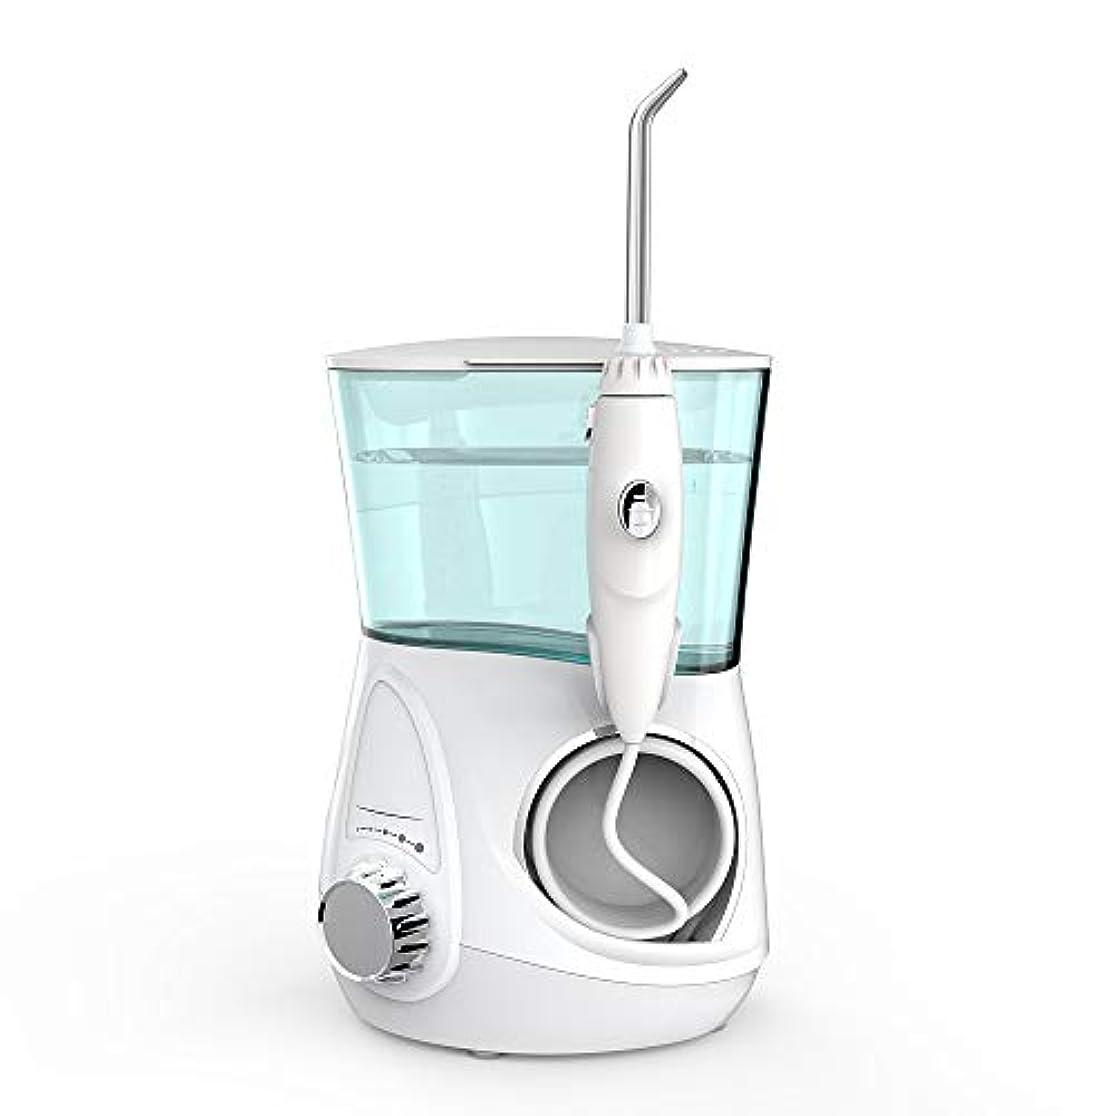 アルプス独裁クマノミ水フロッサー口腔洗浄器、電気家庭用洗濯機ウォーターフロスケア充電式ウォーターピックジェット歯クリーニングで5ピースジェットti